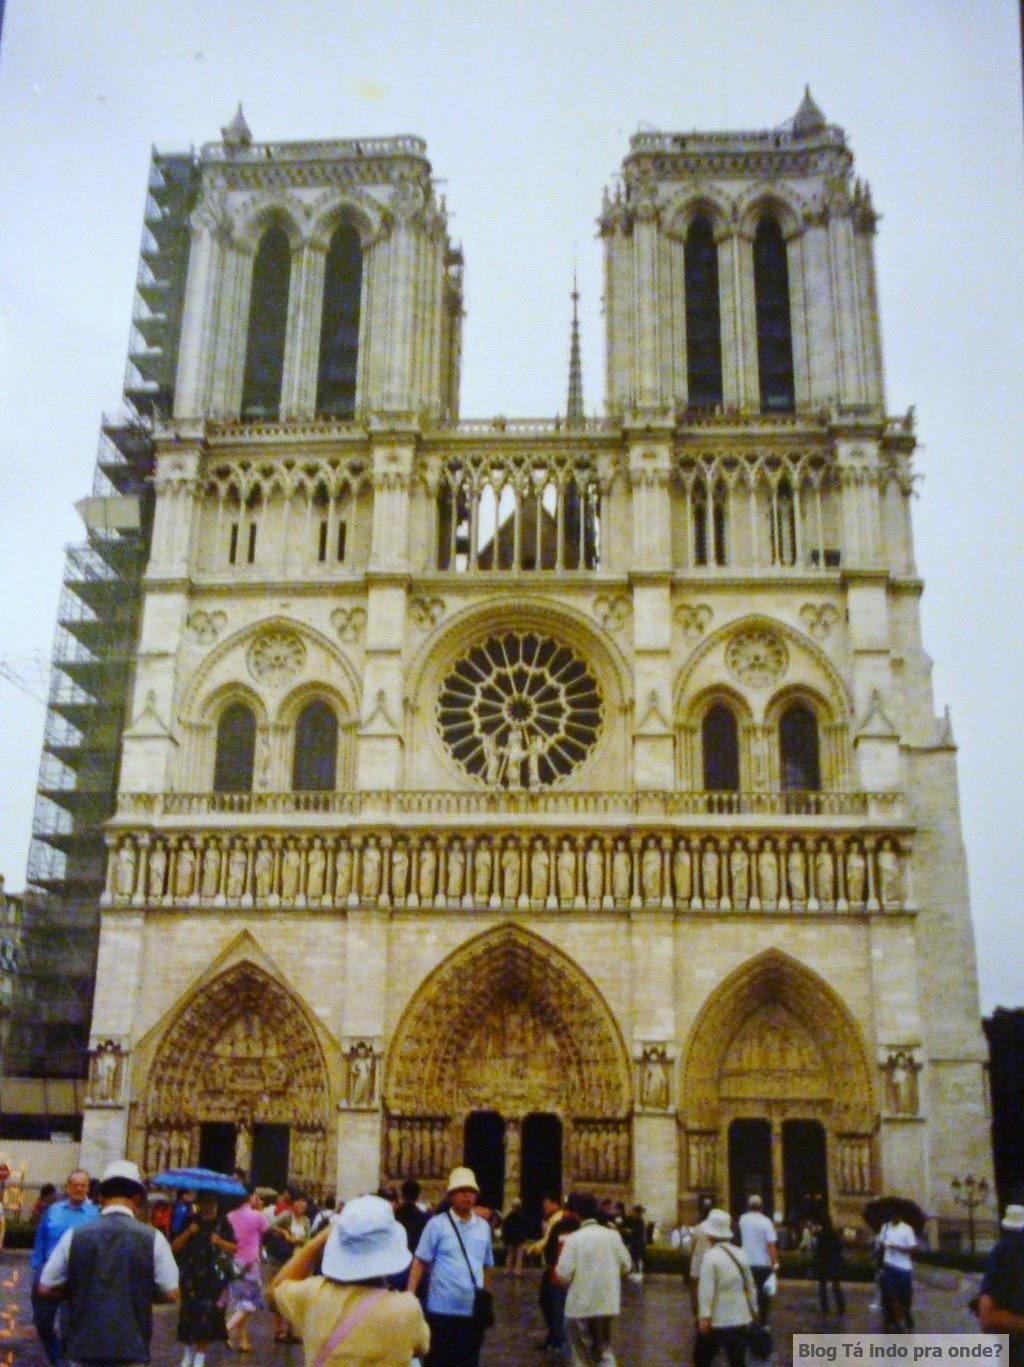 Igreja de Notre Dame - Paris